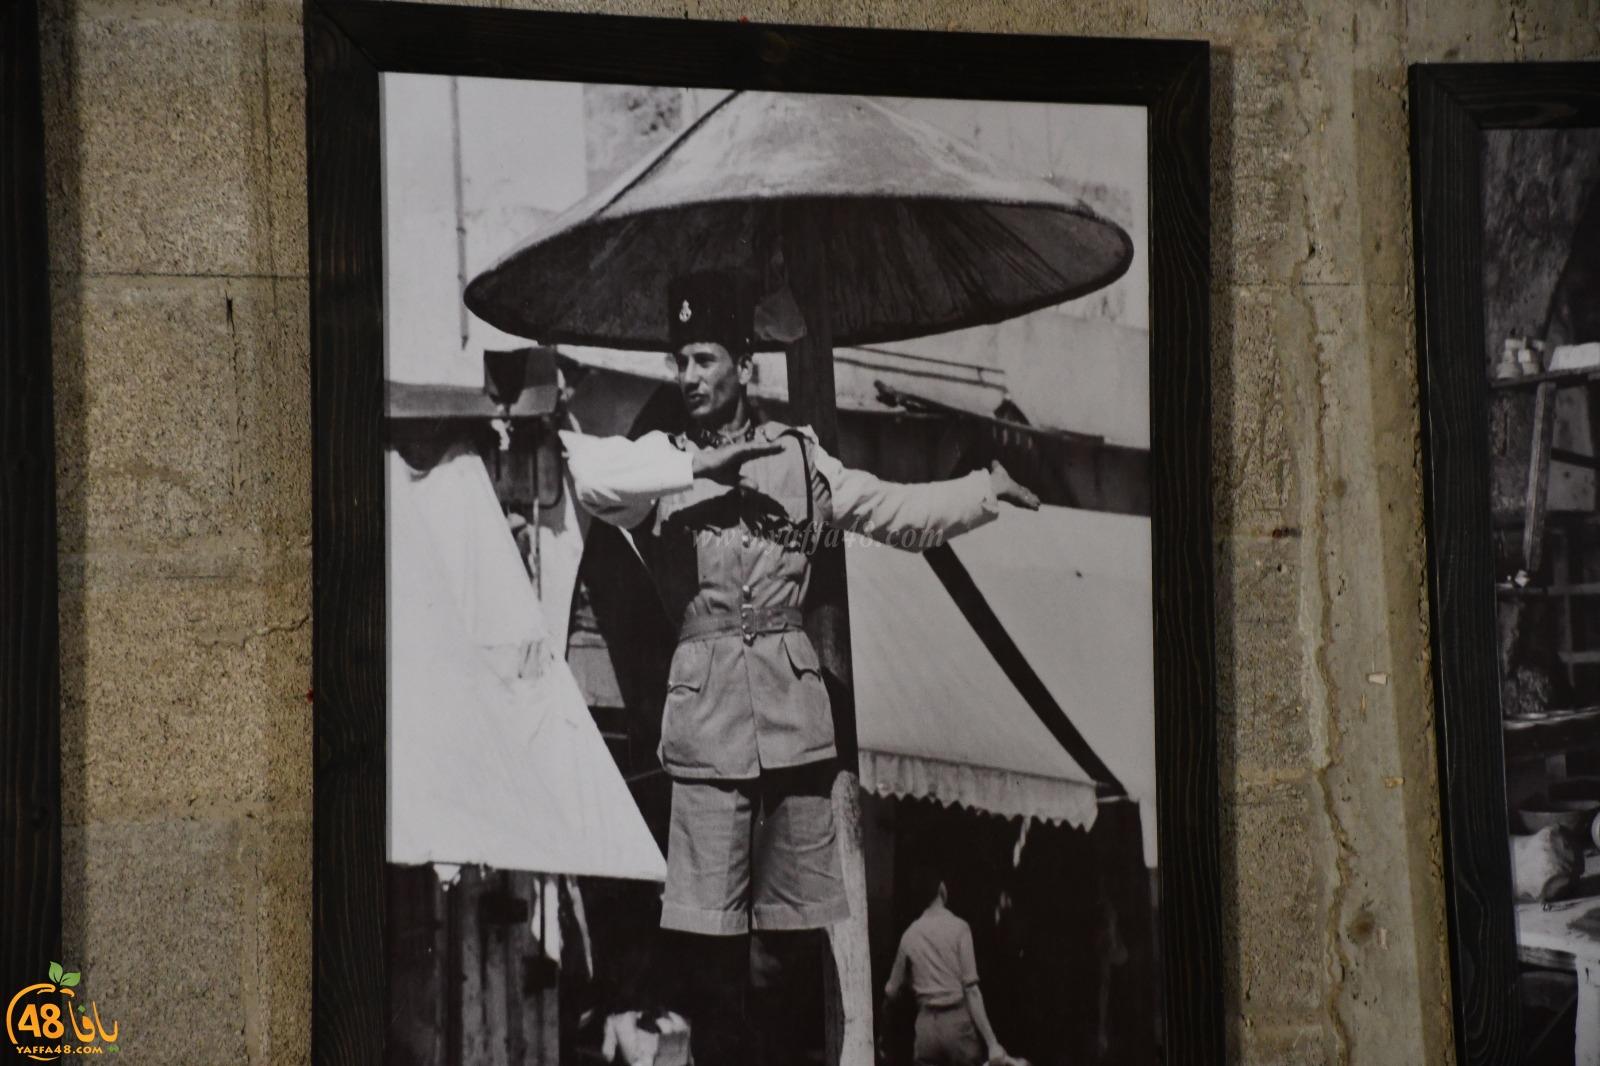 فيديو: جولة في معرض الصور التاريخية في ميناء يافا ... لا تفوتوا الفرصة